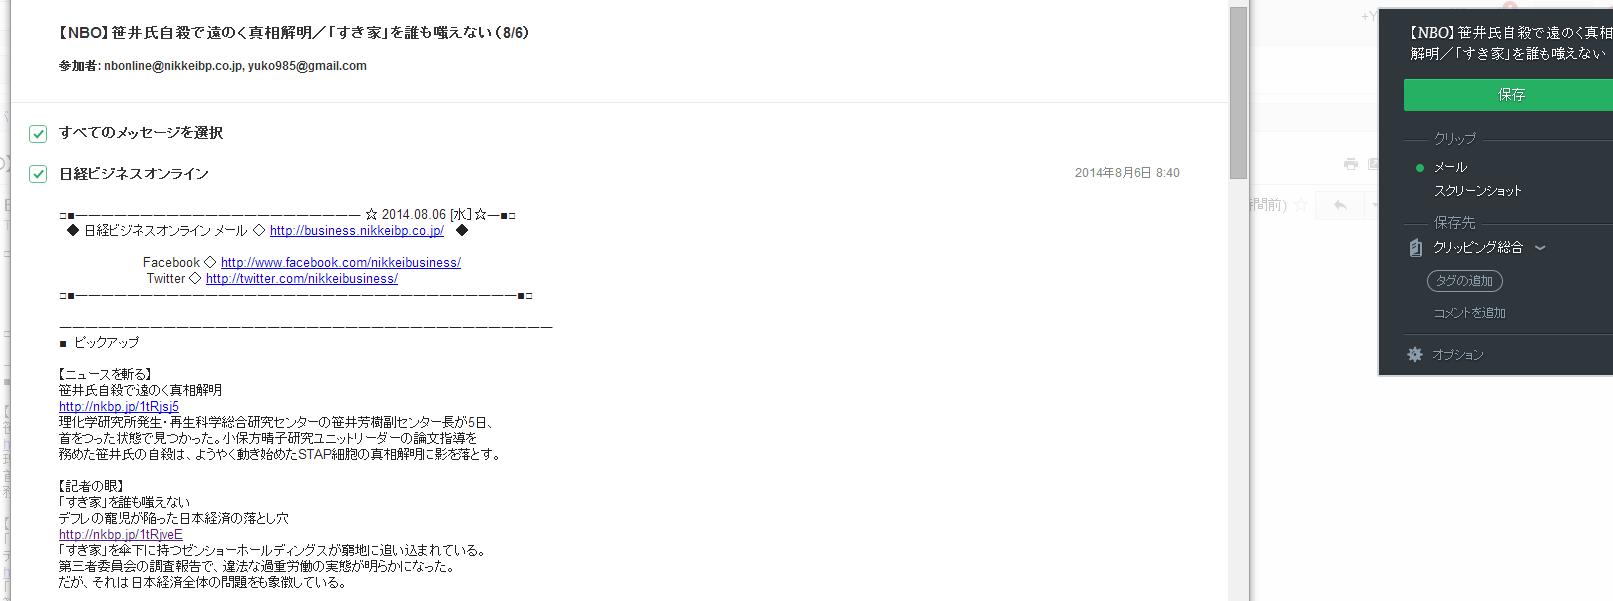 【Webサービス】Chrome版EvernoteクリッパーのGmailクリッピング機能がやっぱり便利!